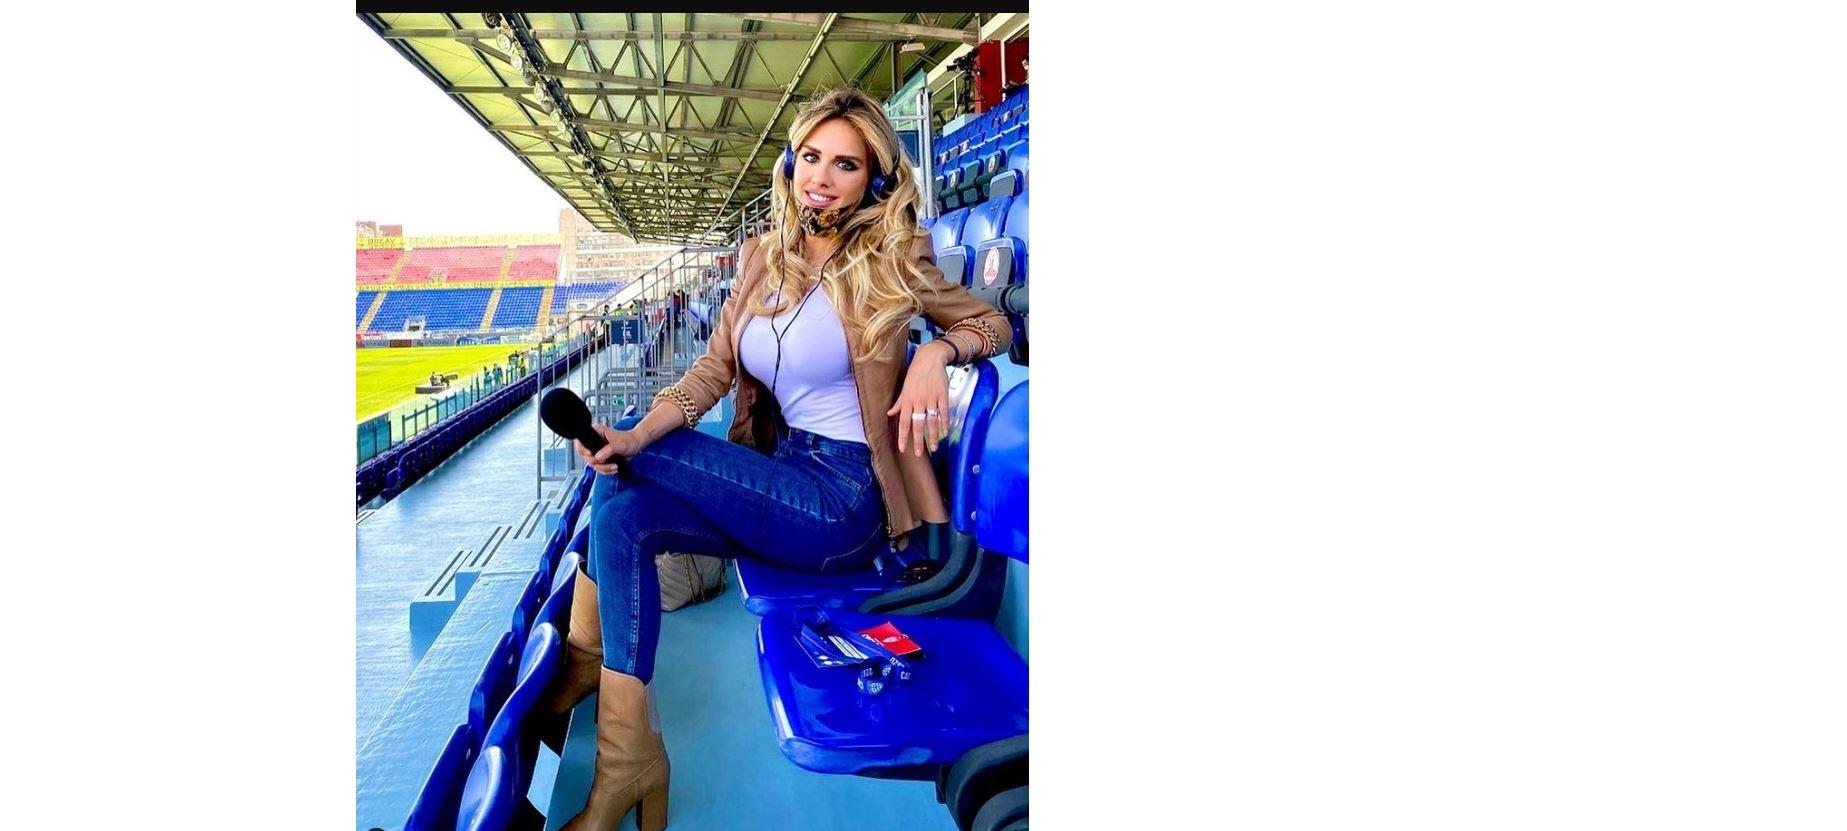 Michela Persico, la bella pareja del olvidado de Juventus: Rugani 3